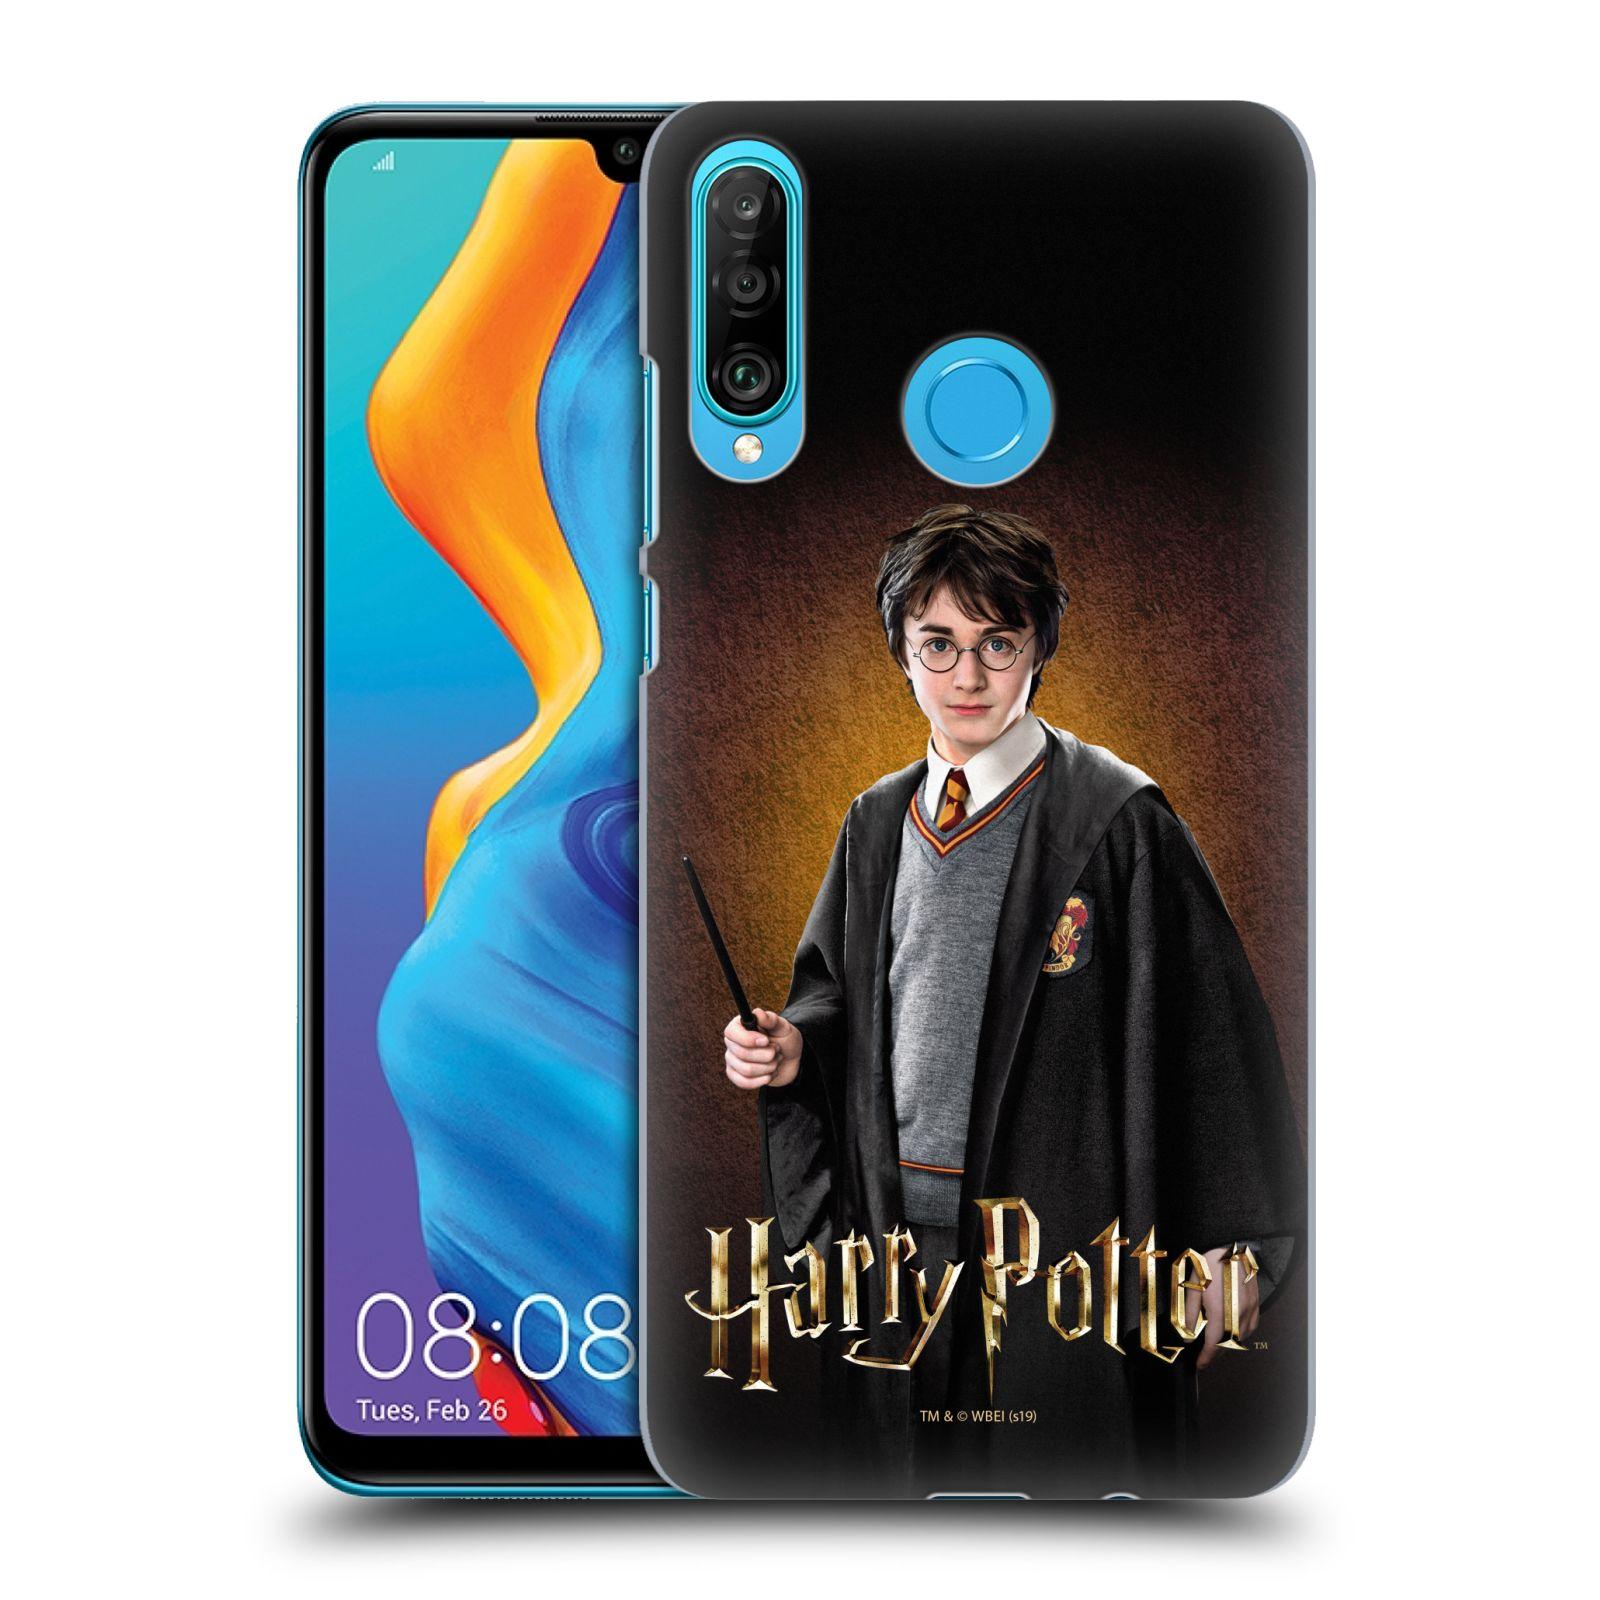 Plastové pouzdro na mobil Huawei P30 Lite - Harry Potter - Malý Harry Potter